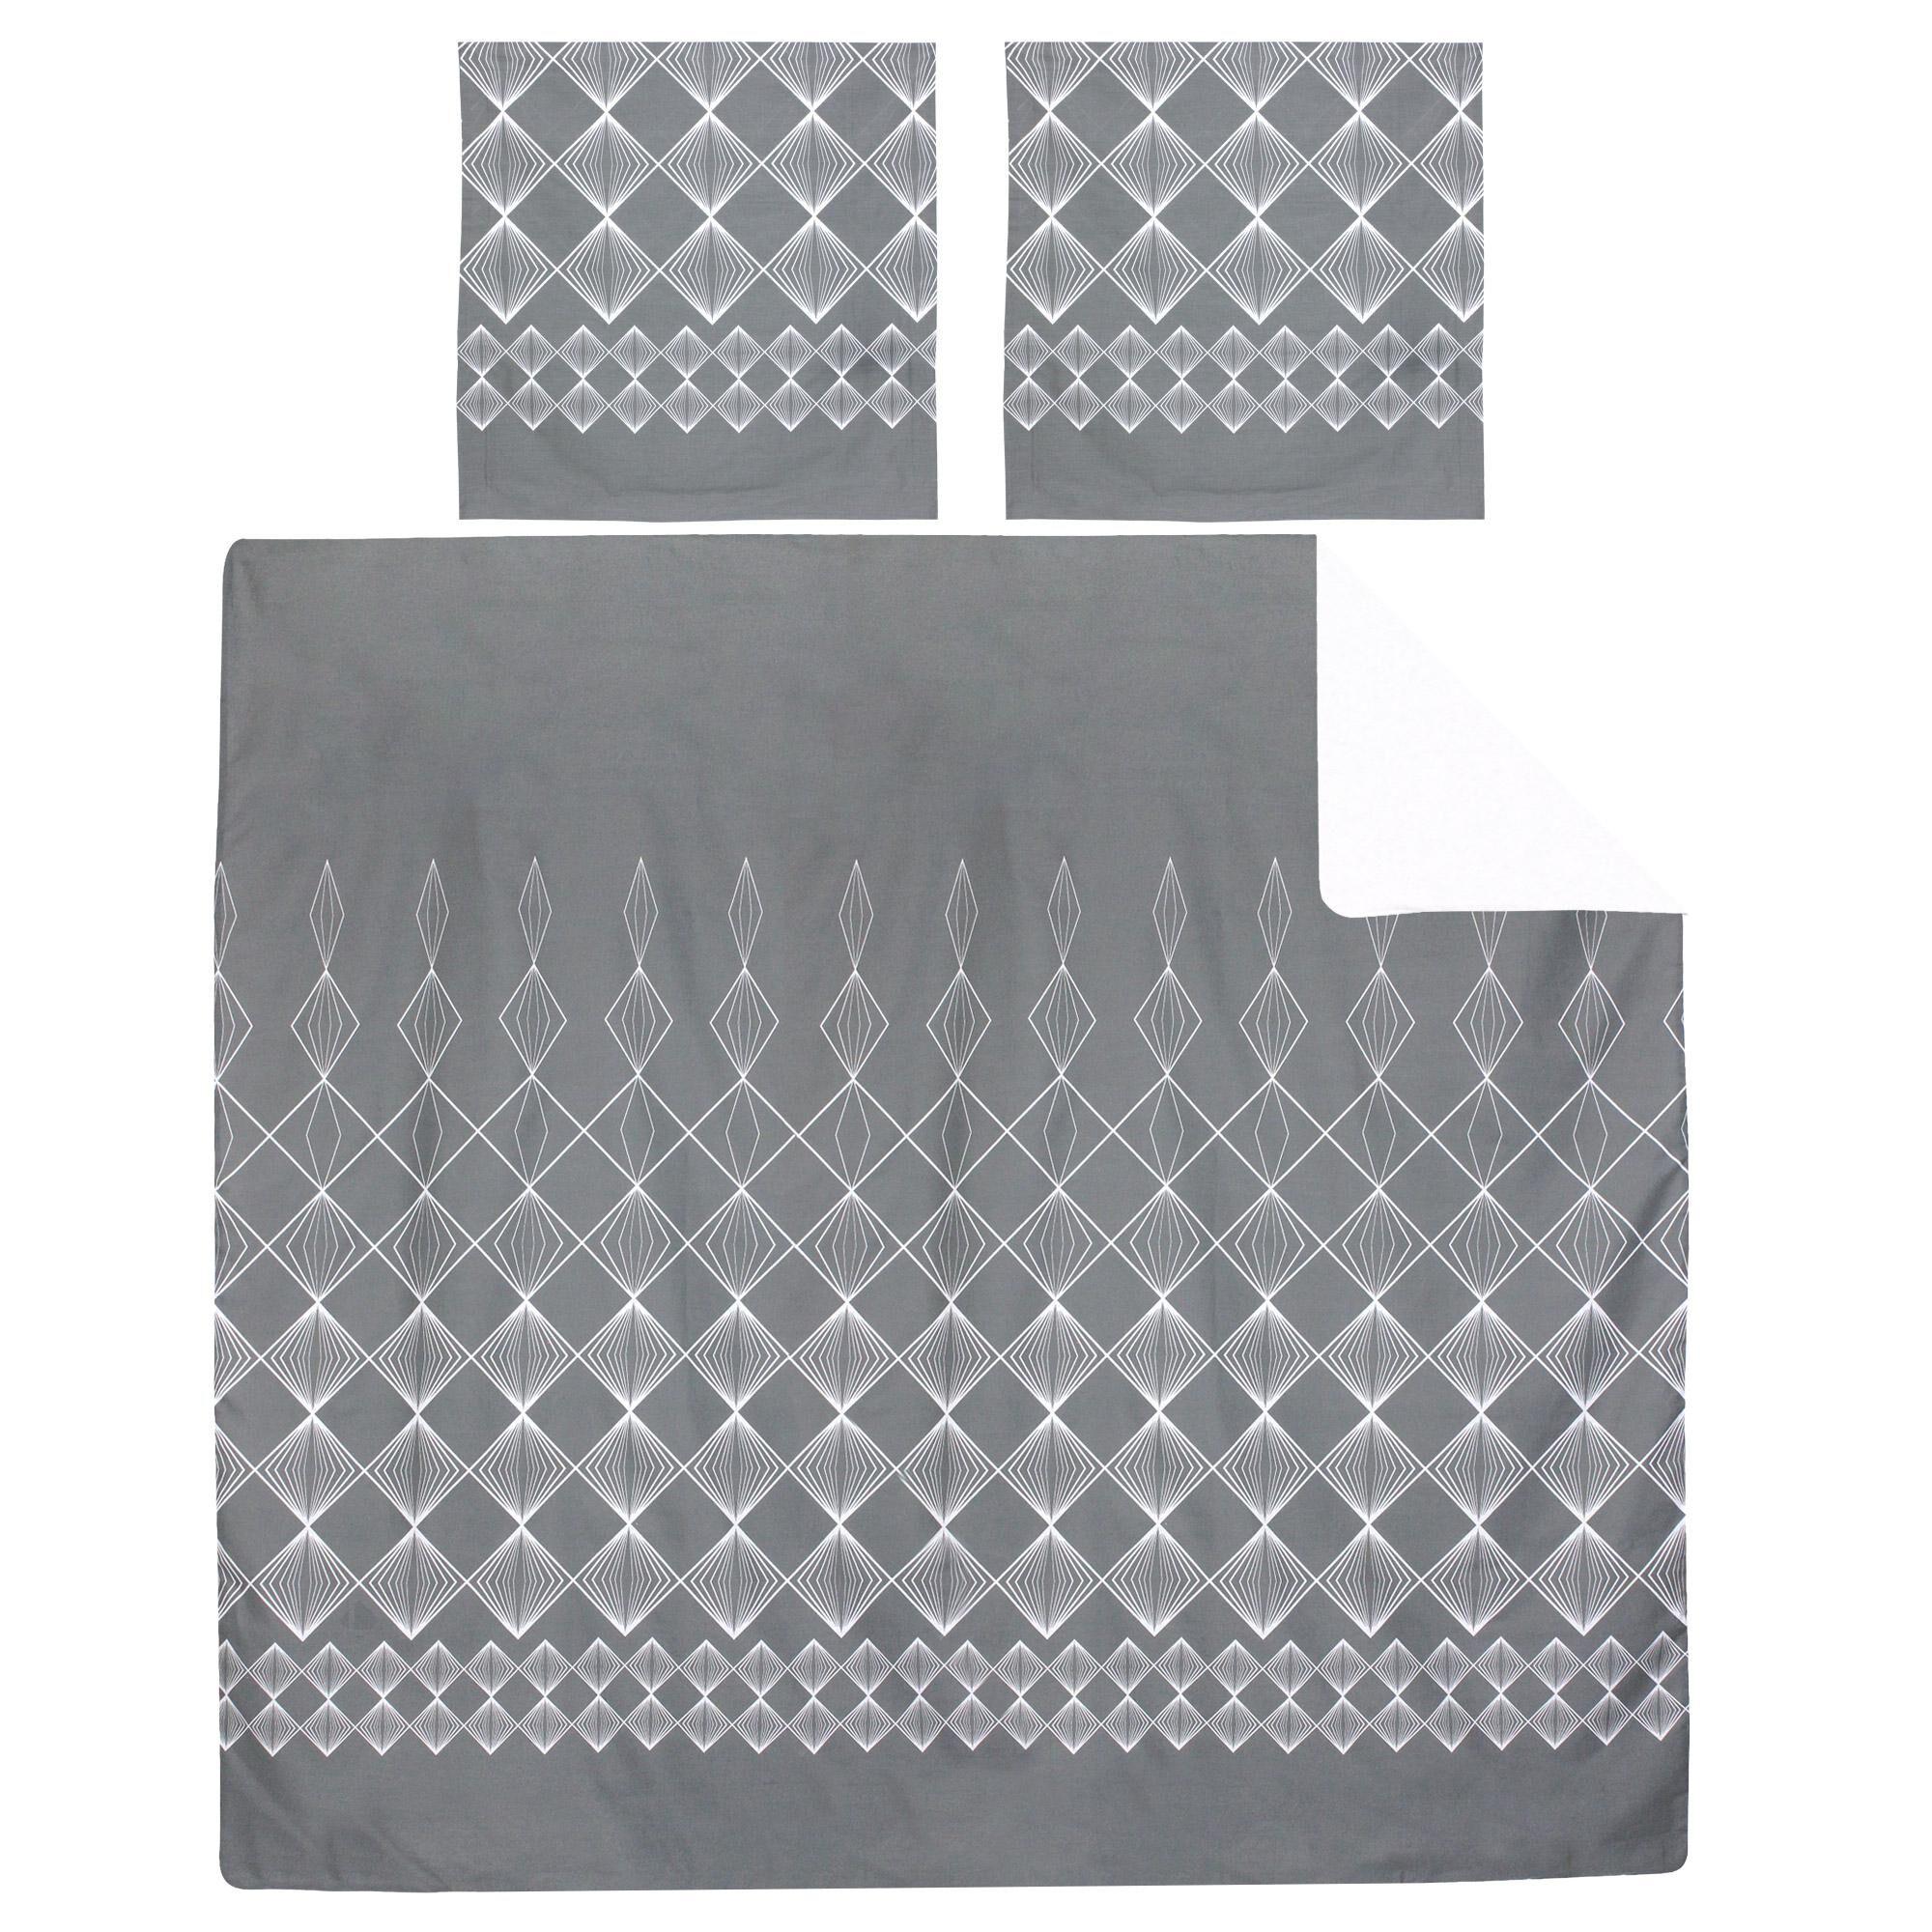 Linnea Parure de lit 240x220 cm 100% coton FOREVER GRIS gris foncé 3 pièces